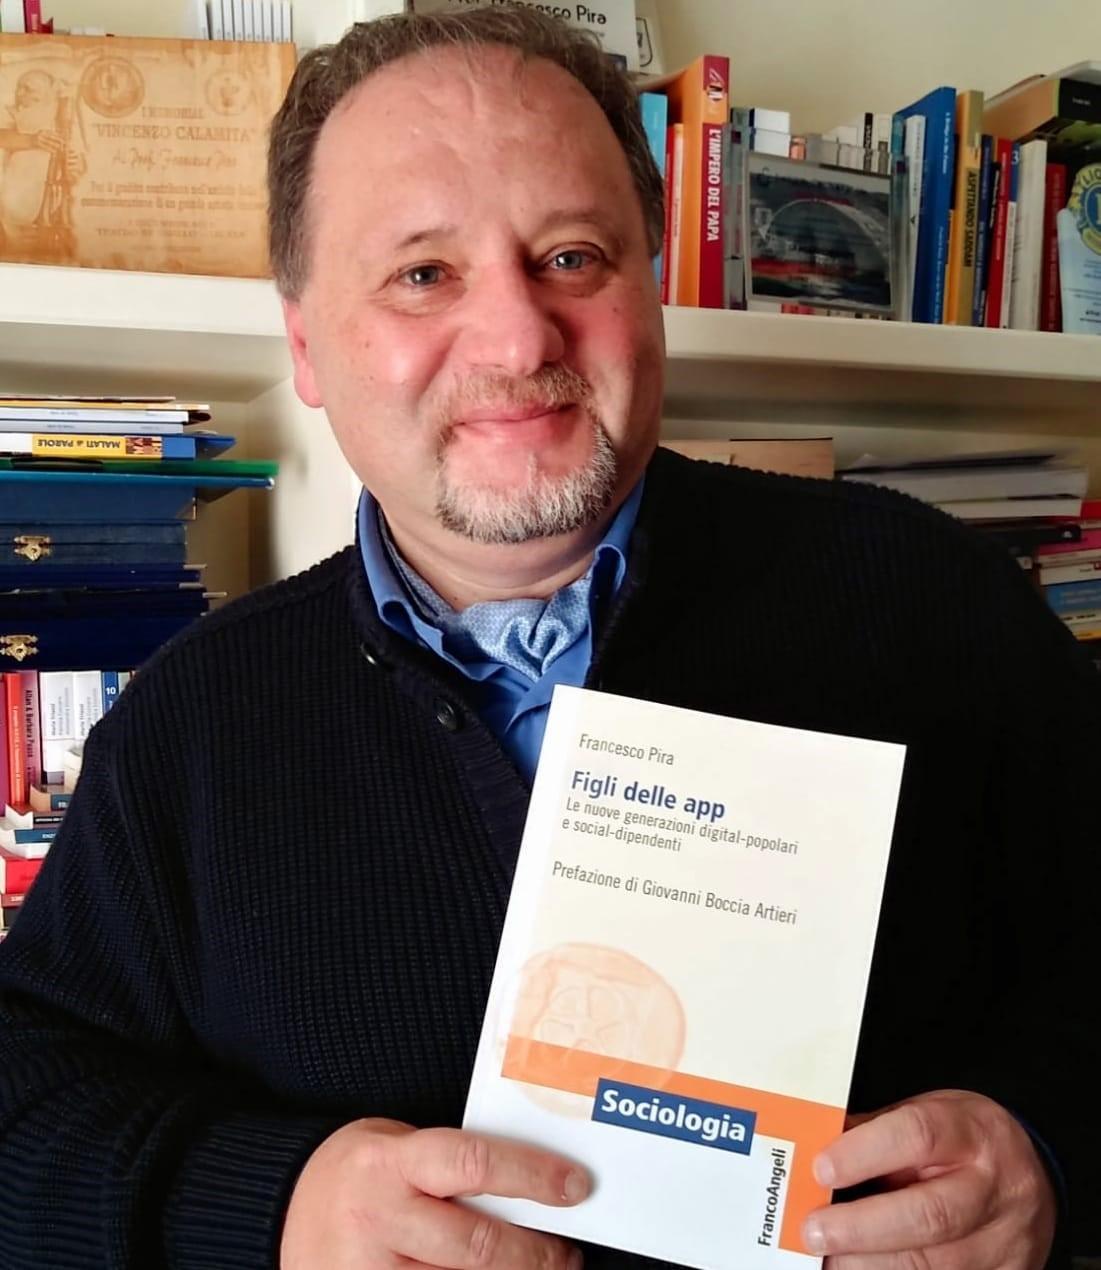 Avola, domani, alle 18.30, presso antico Mercato, la presentazione del libro Figli delle App del sociologo Francesco Pira